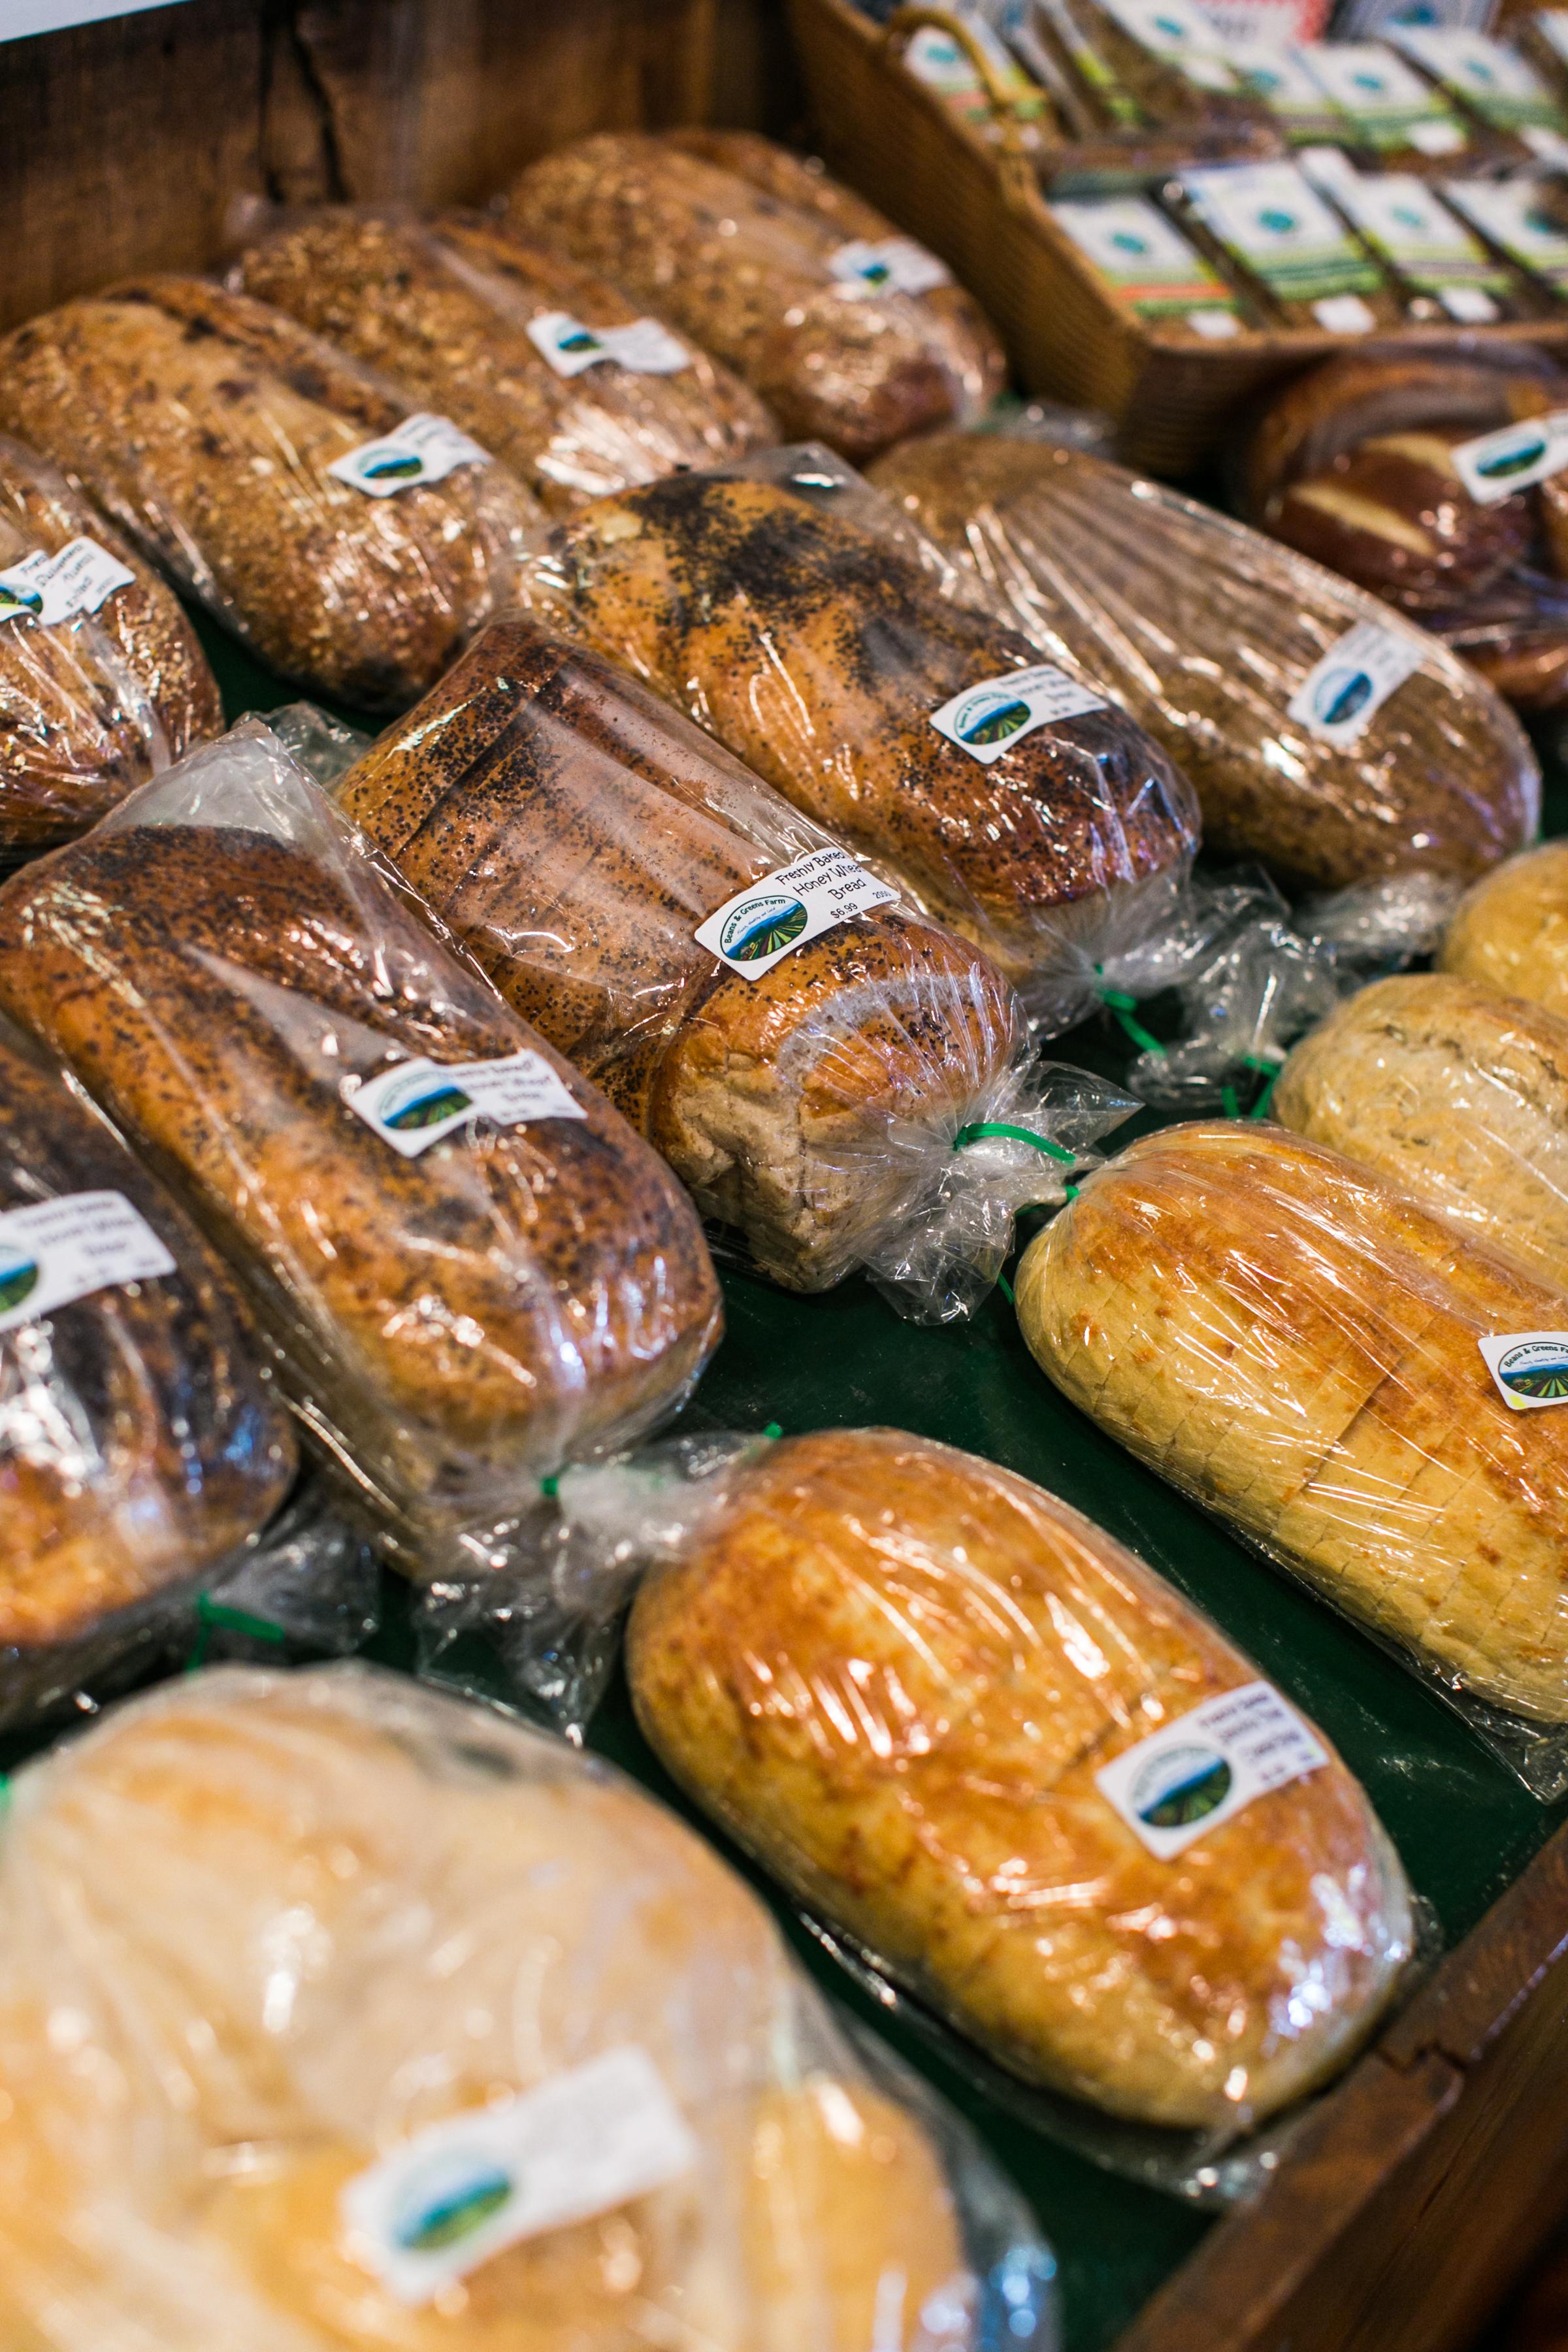 Beans & Greens Farm - Anne Skidmore - breads